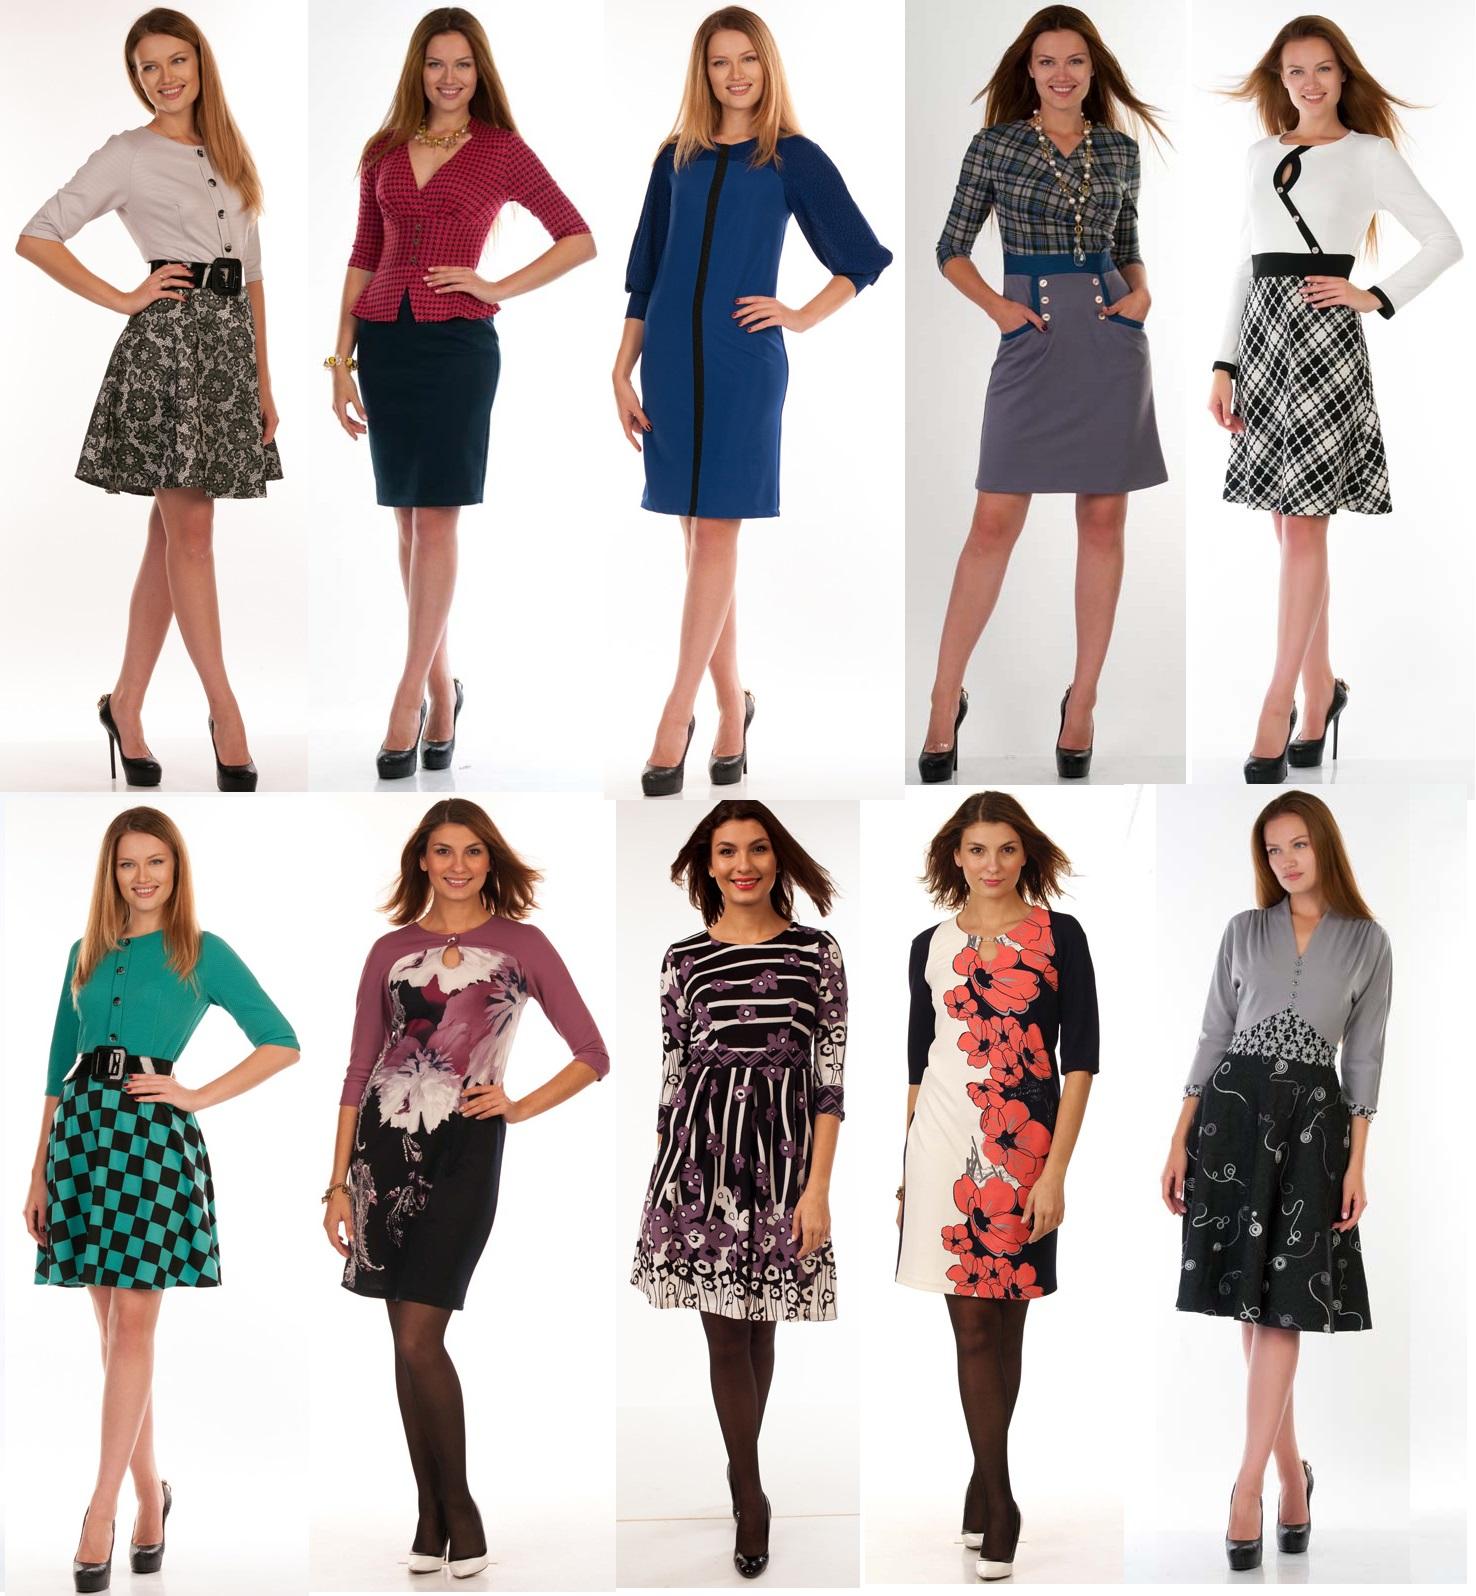 Деловое, праздничное, повседневное - платье на любой вкус 8! Распродажа летней коллекции! До 58 размера - всегда хорошее наличие! Без рядов!